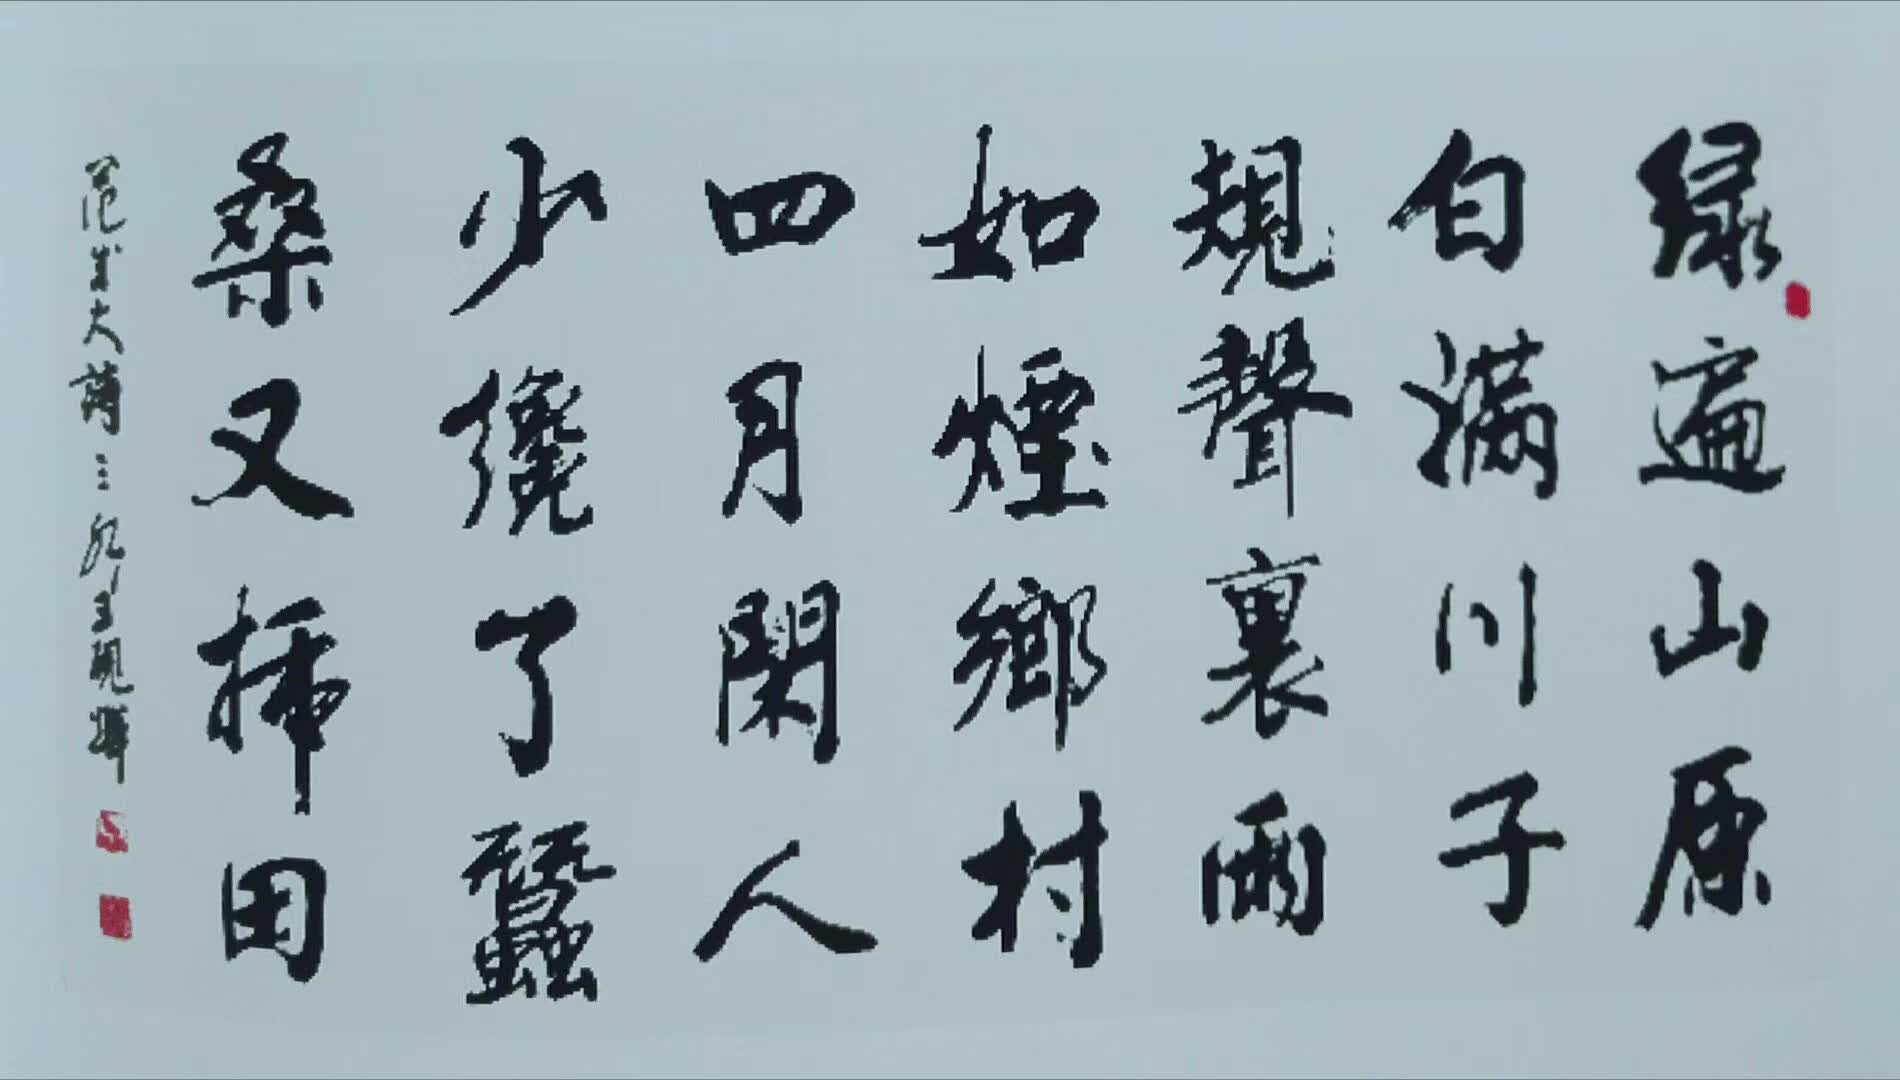 《书法艺术,阴阳结合,中和为妙》著名书法家王砚辉论